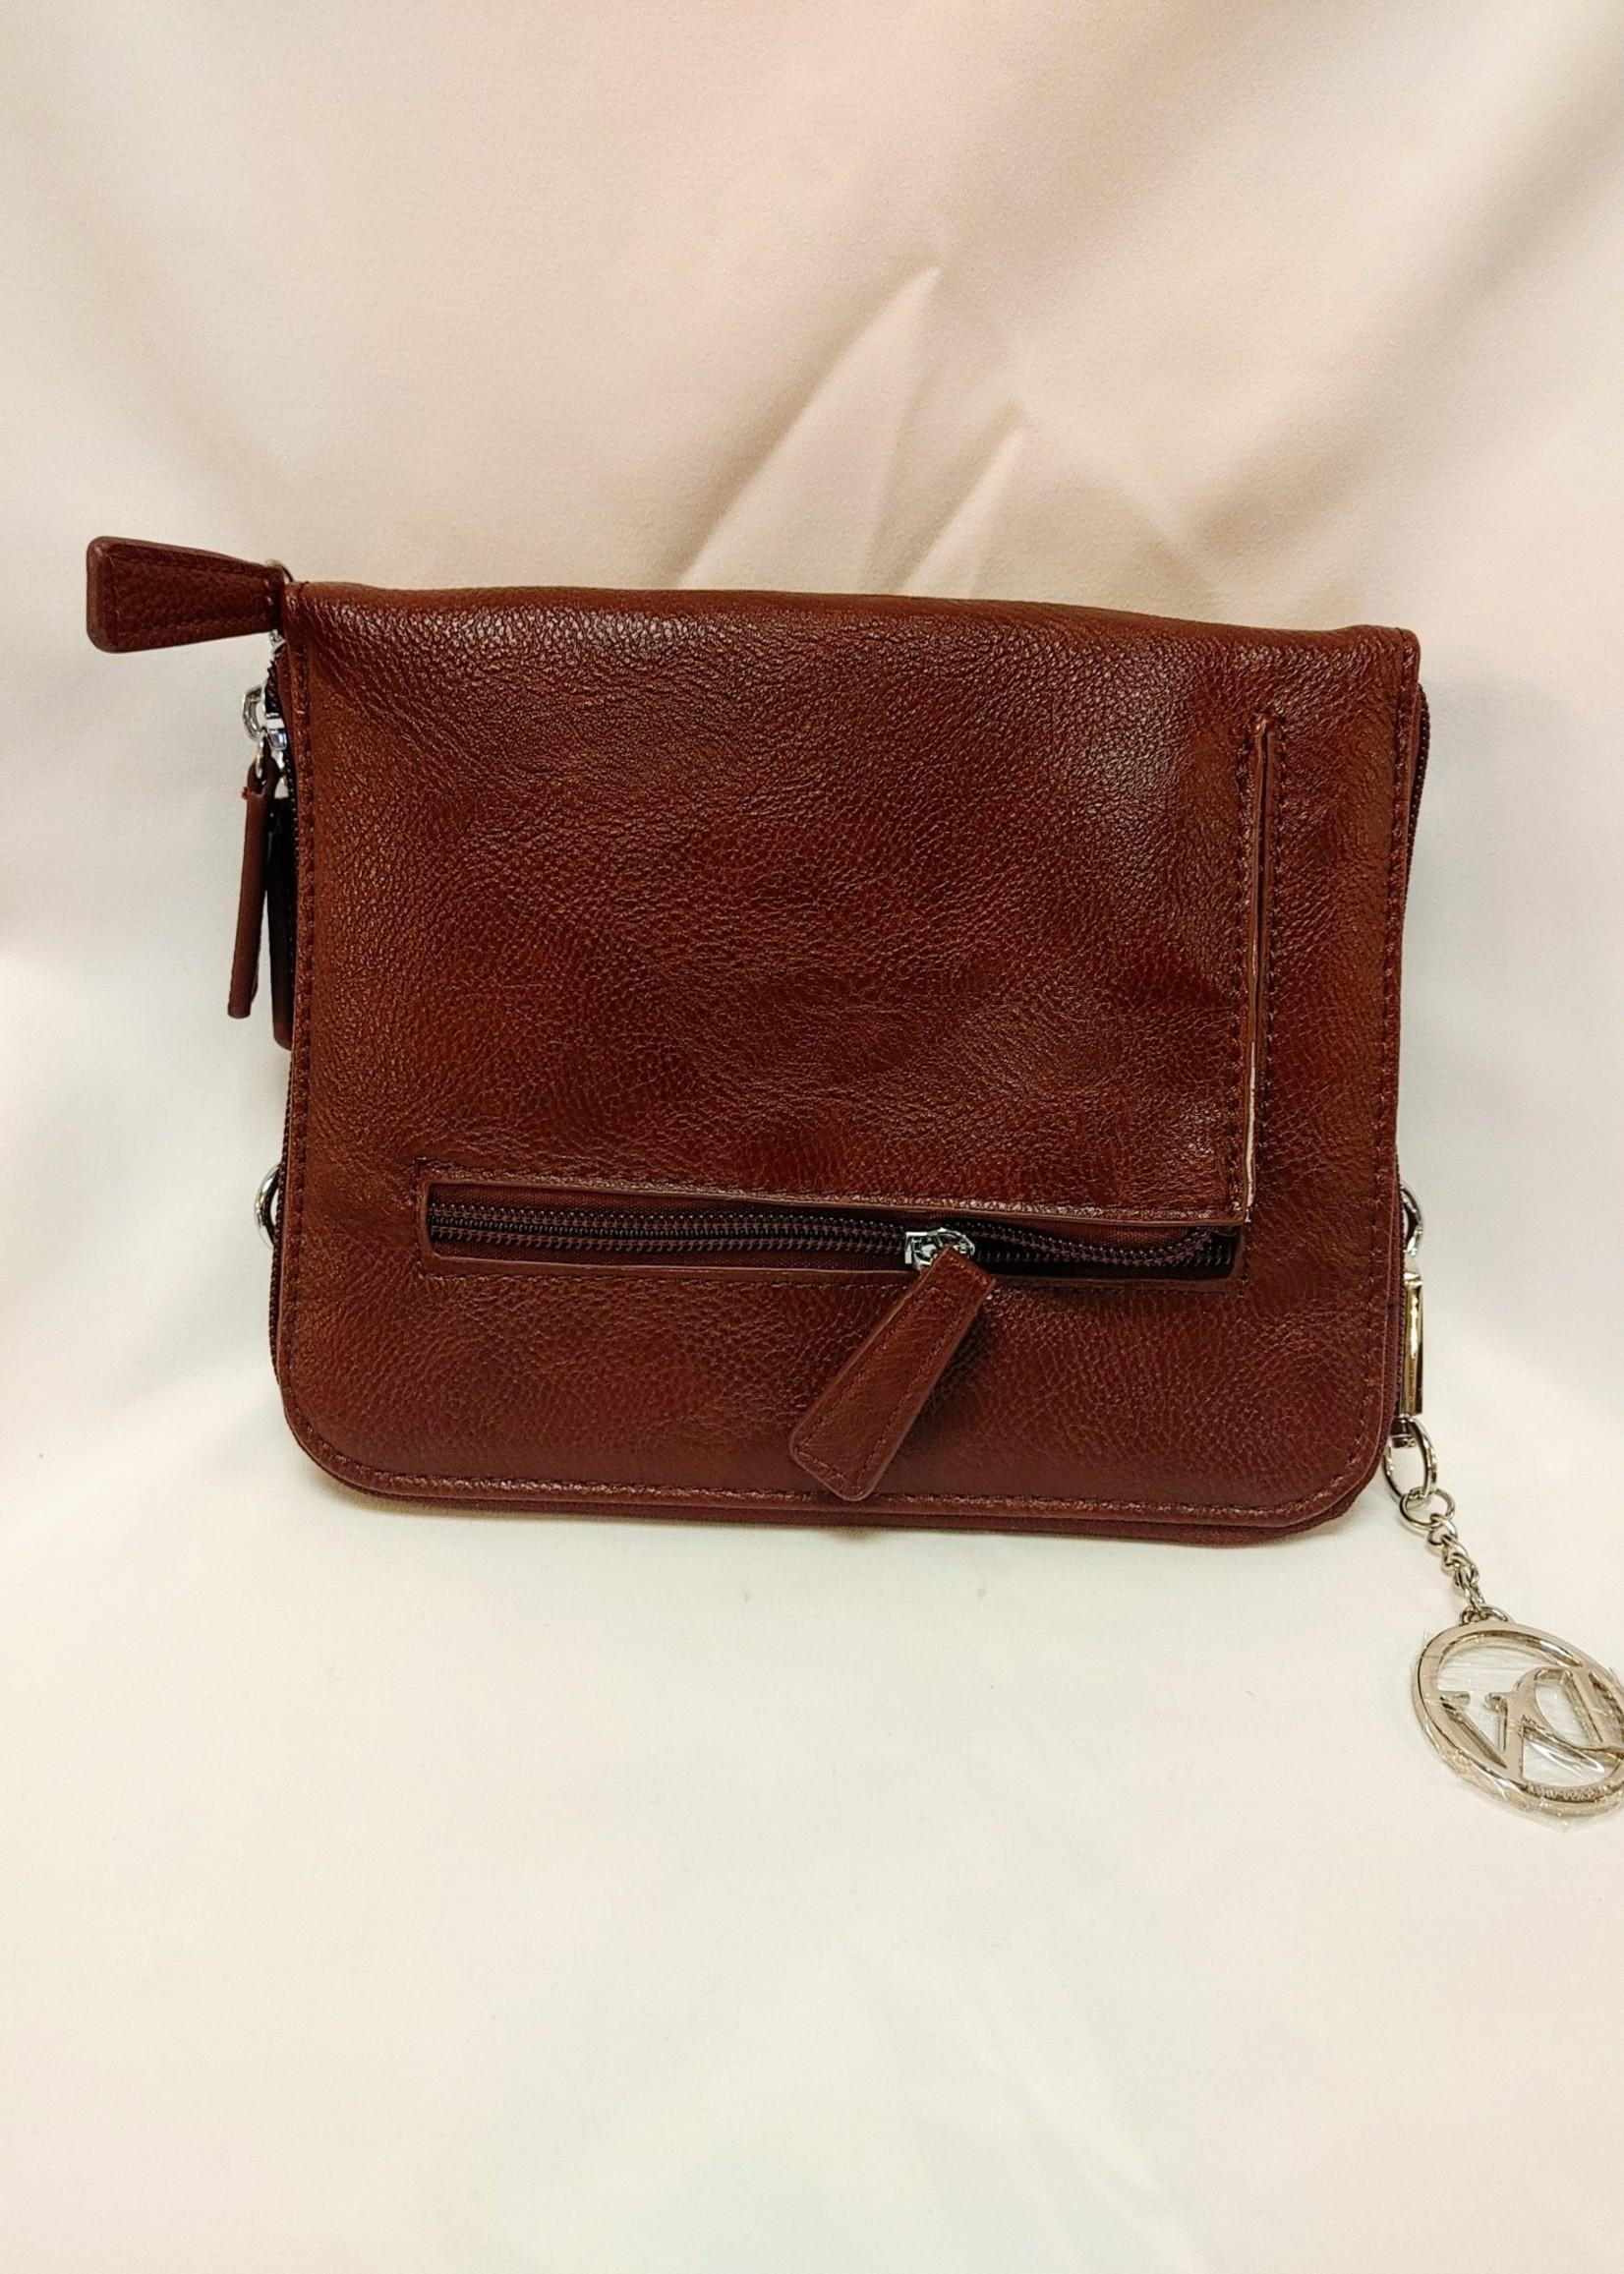 La Diva purse